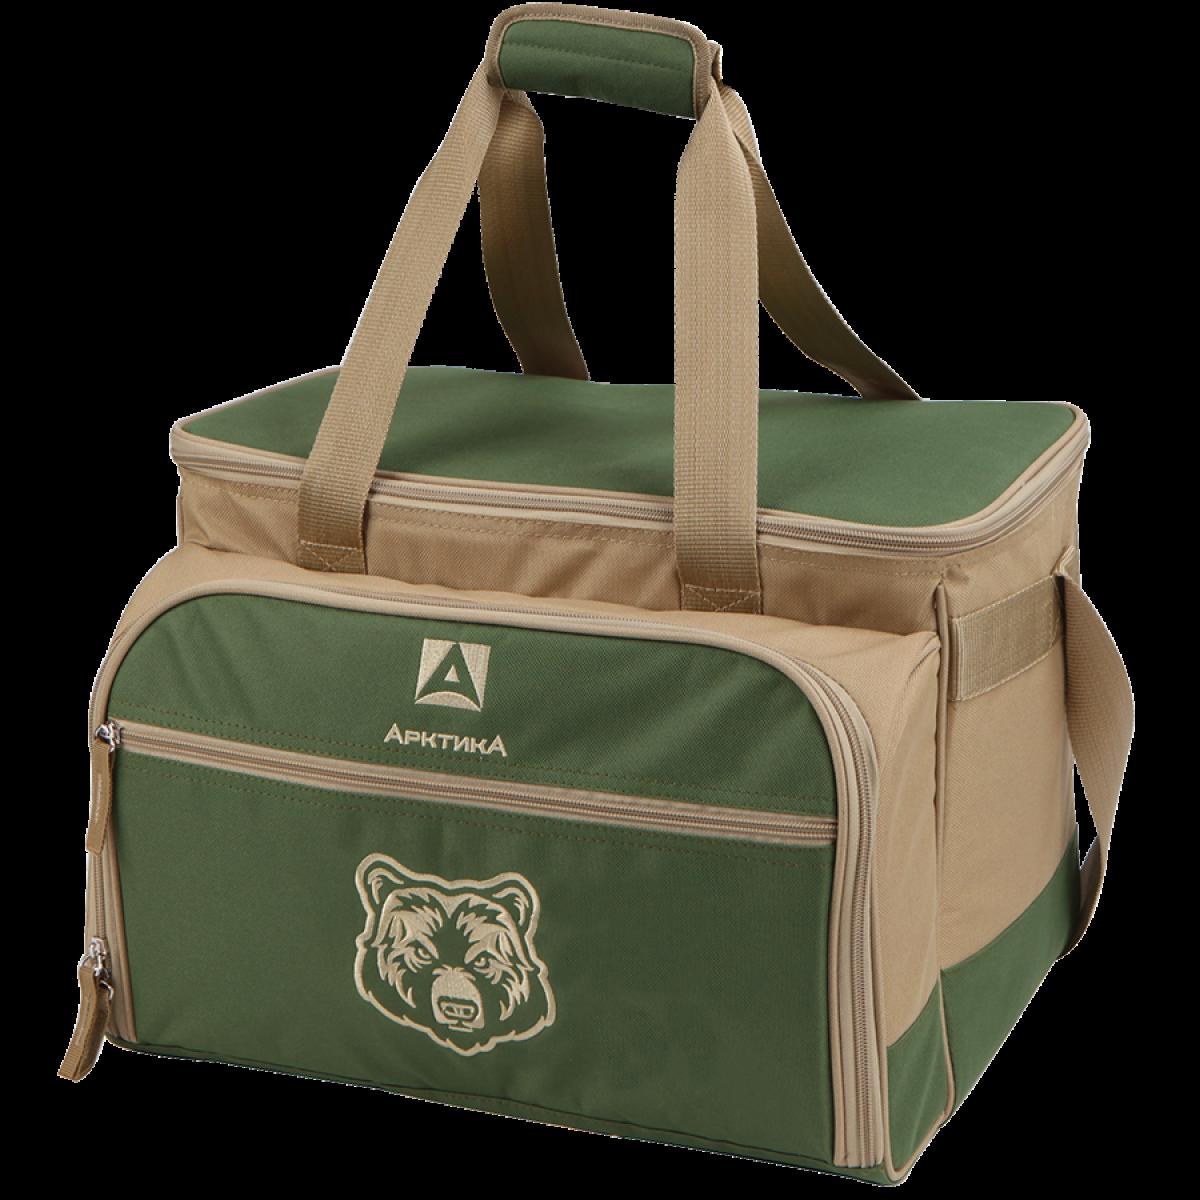 Сумка-холодильник Арктика 4100-6 с набором посуды (Зелёный)